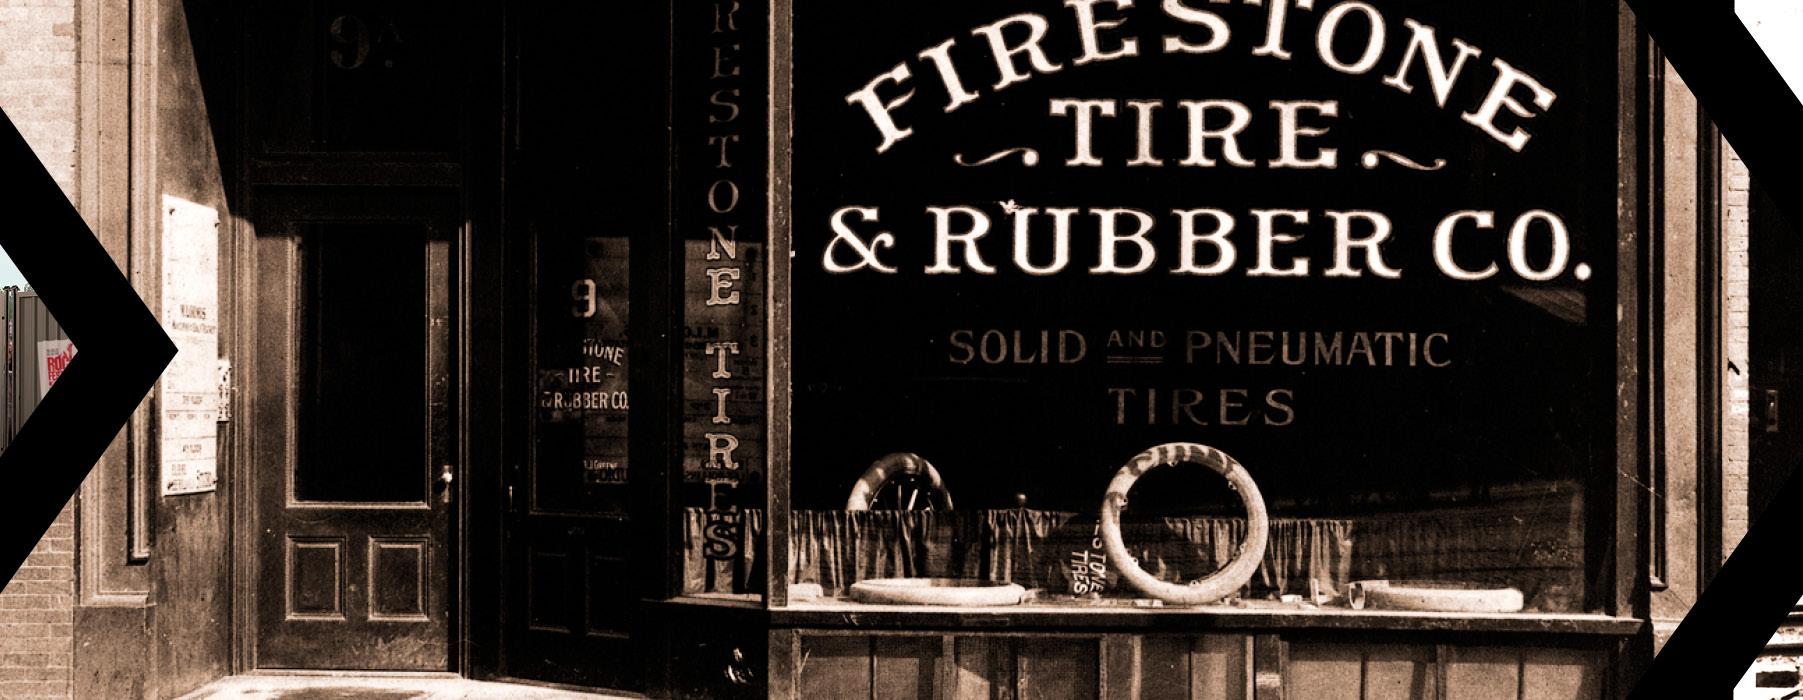 1900 : la marque créée la Firestone Tire and Rubber Company